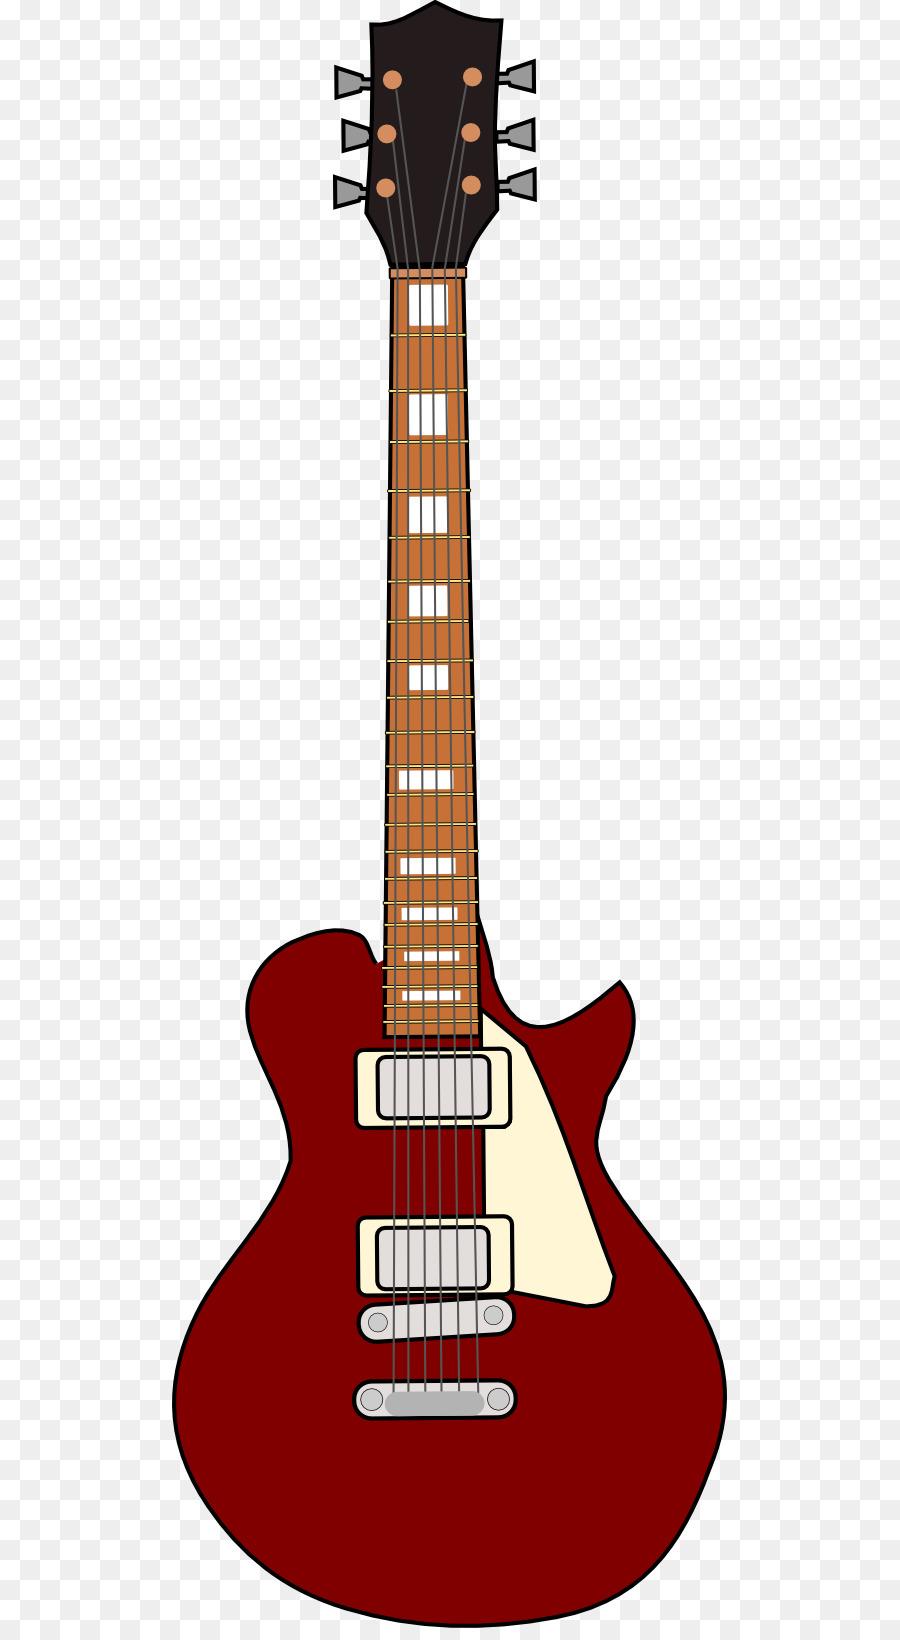 Gibson les paul studio guitar clip art guitar images pictures png gibson les paul studio guitar clip art guitar images pictures voltagebd Gallery